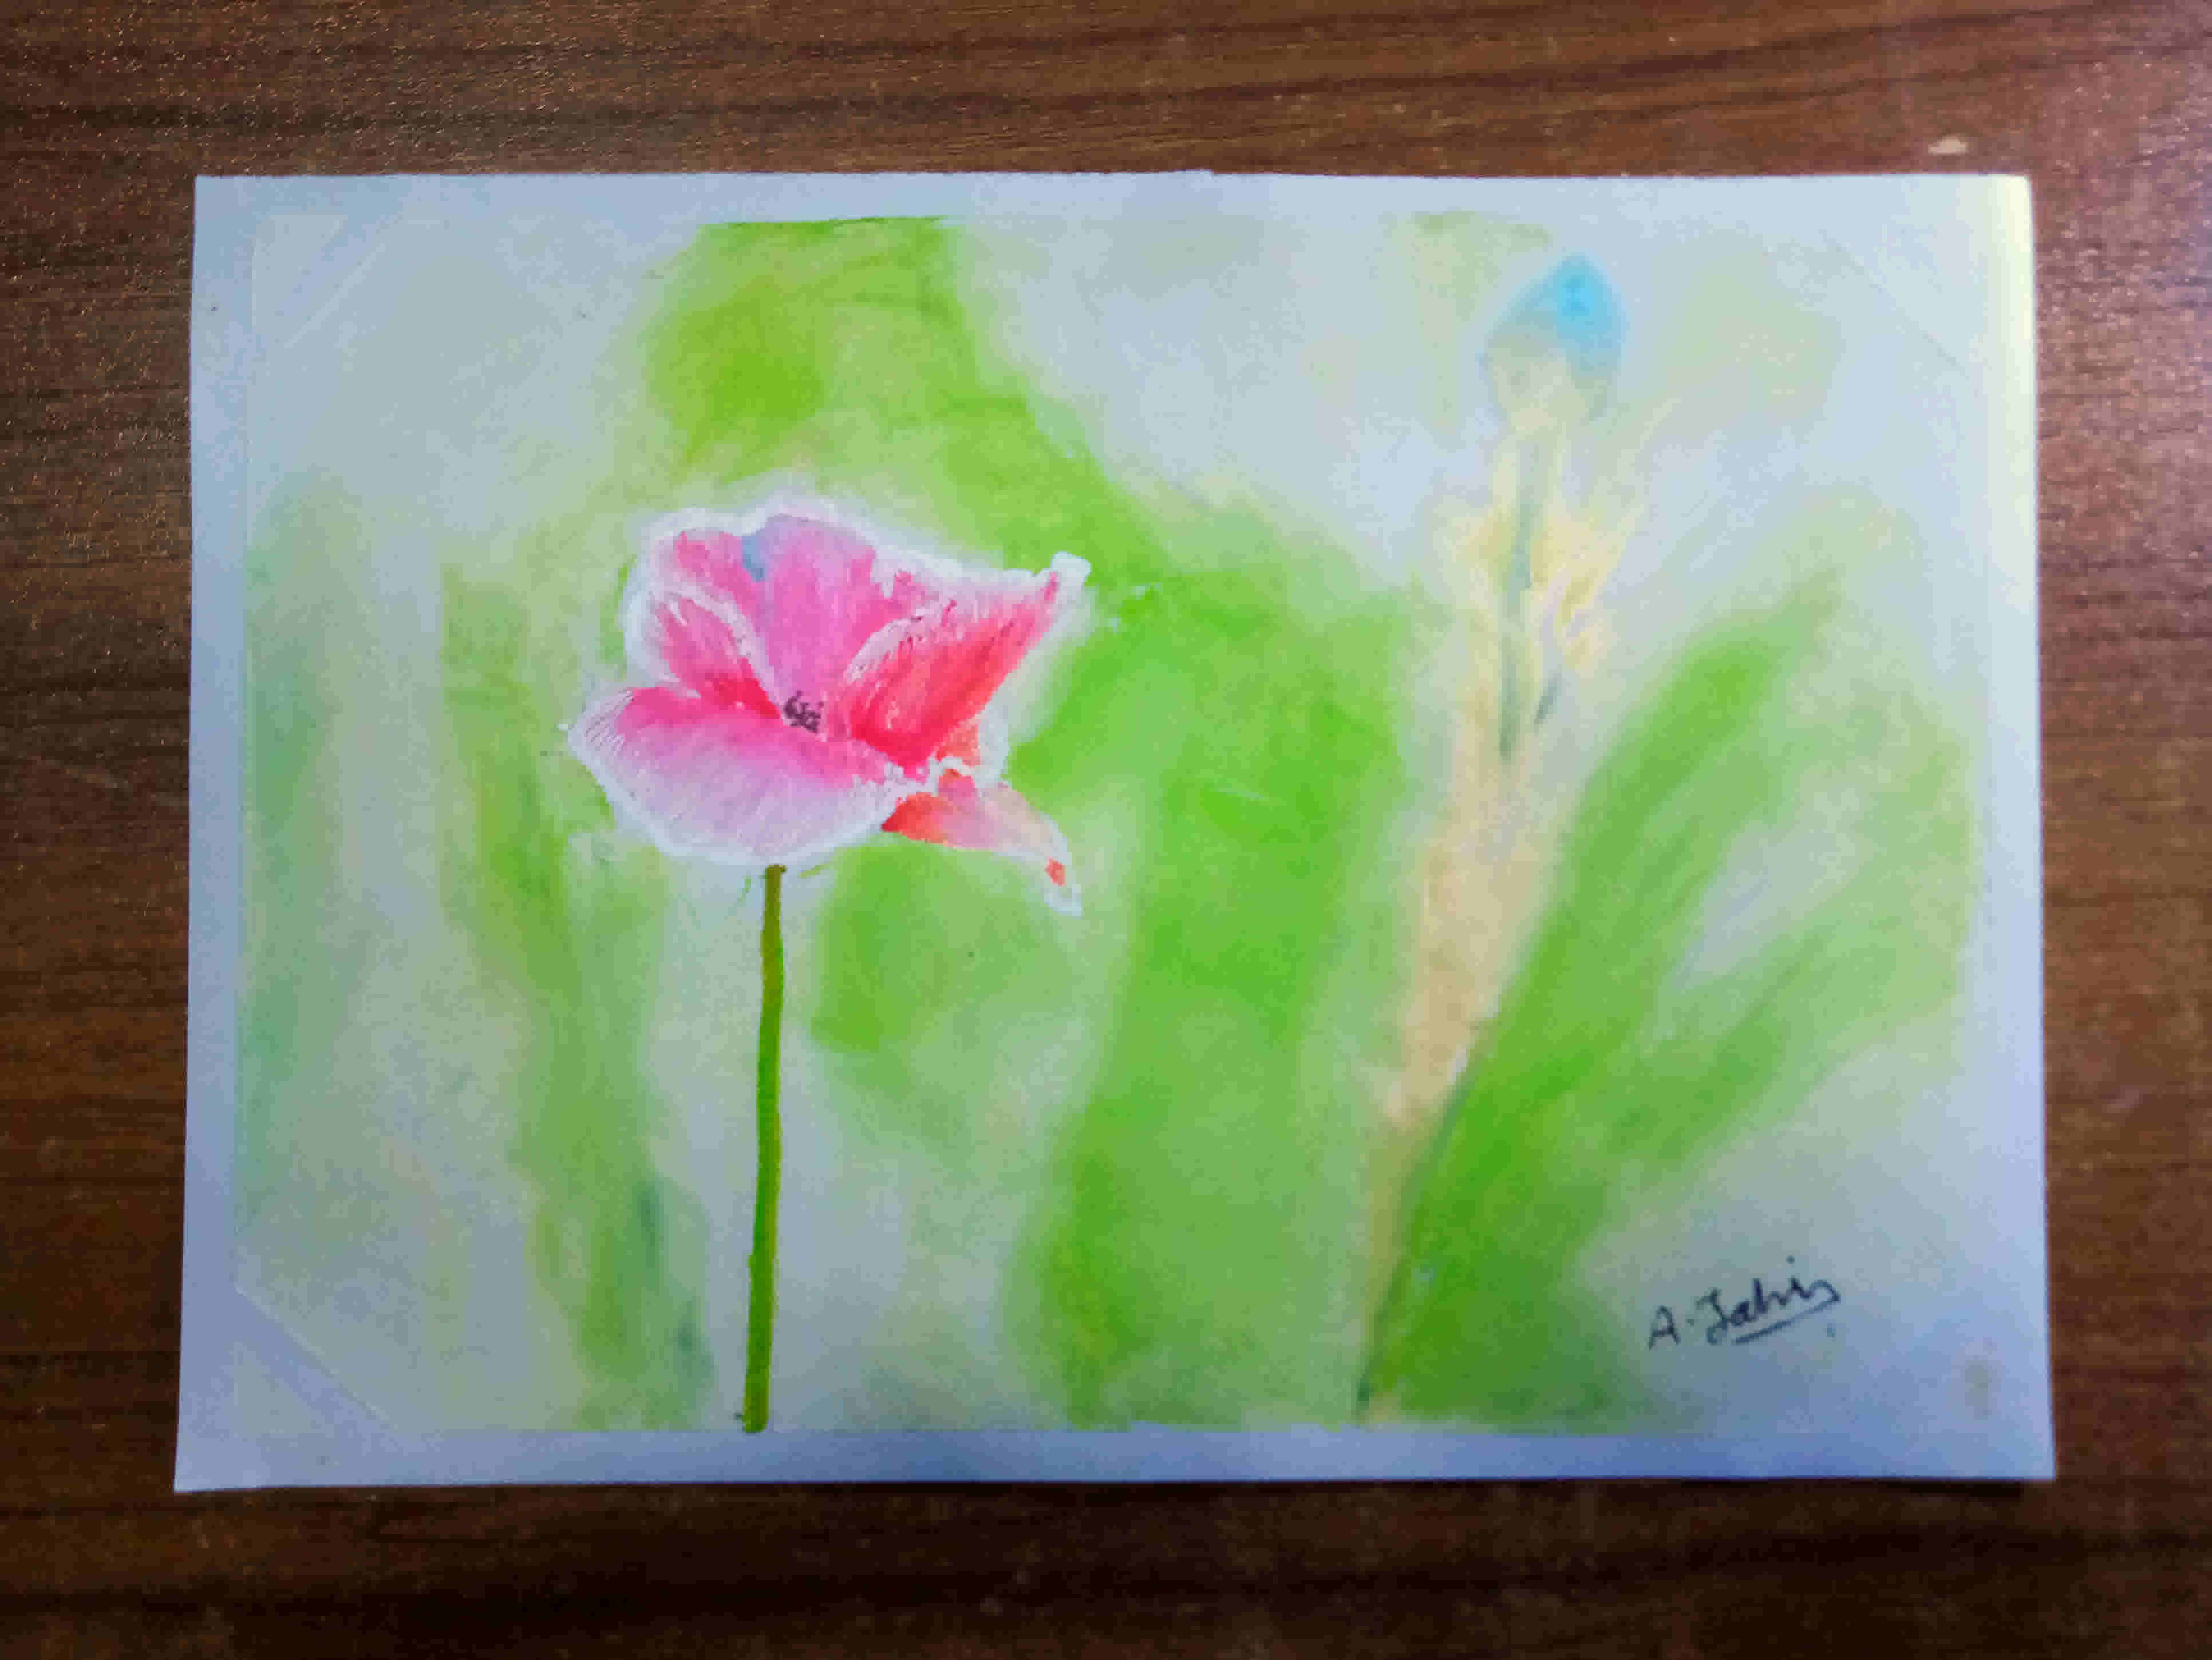 Poppy Flower's Featured Photo